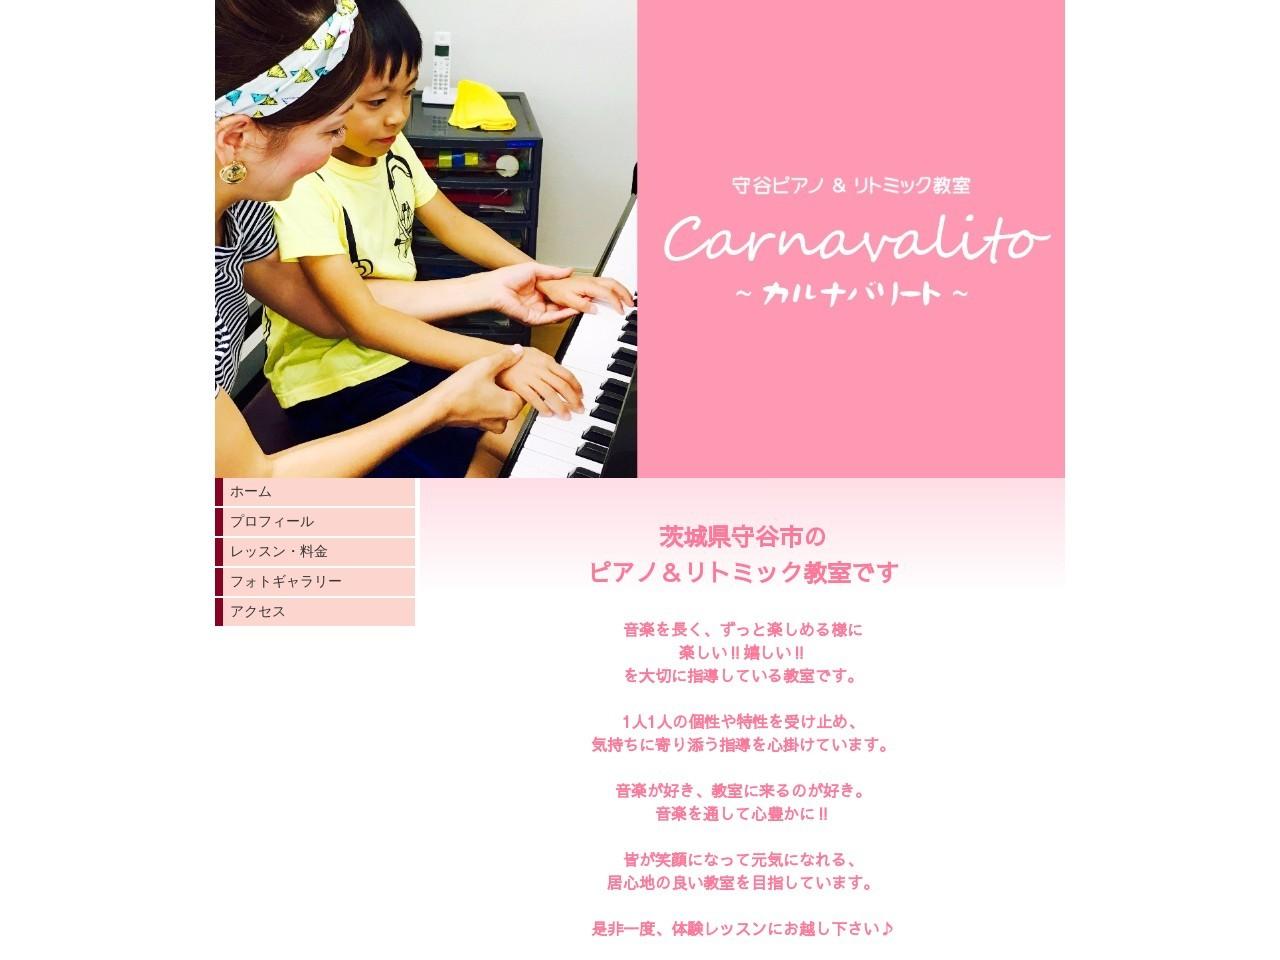 カルナバリート 守谷ピアノ&リトミック教室のサムネイル